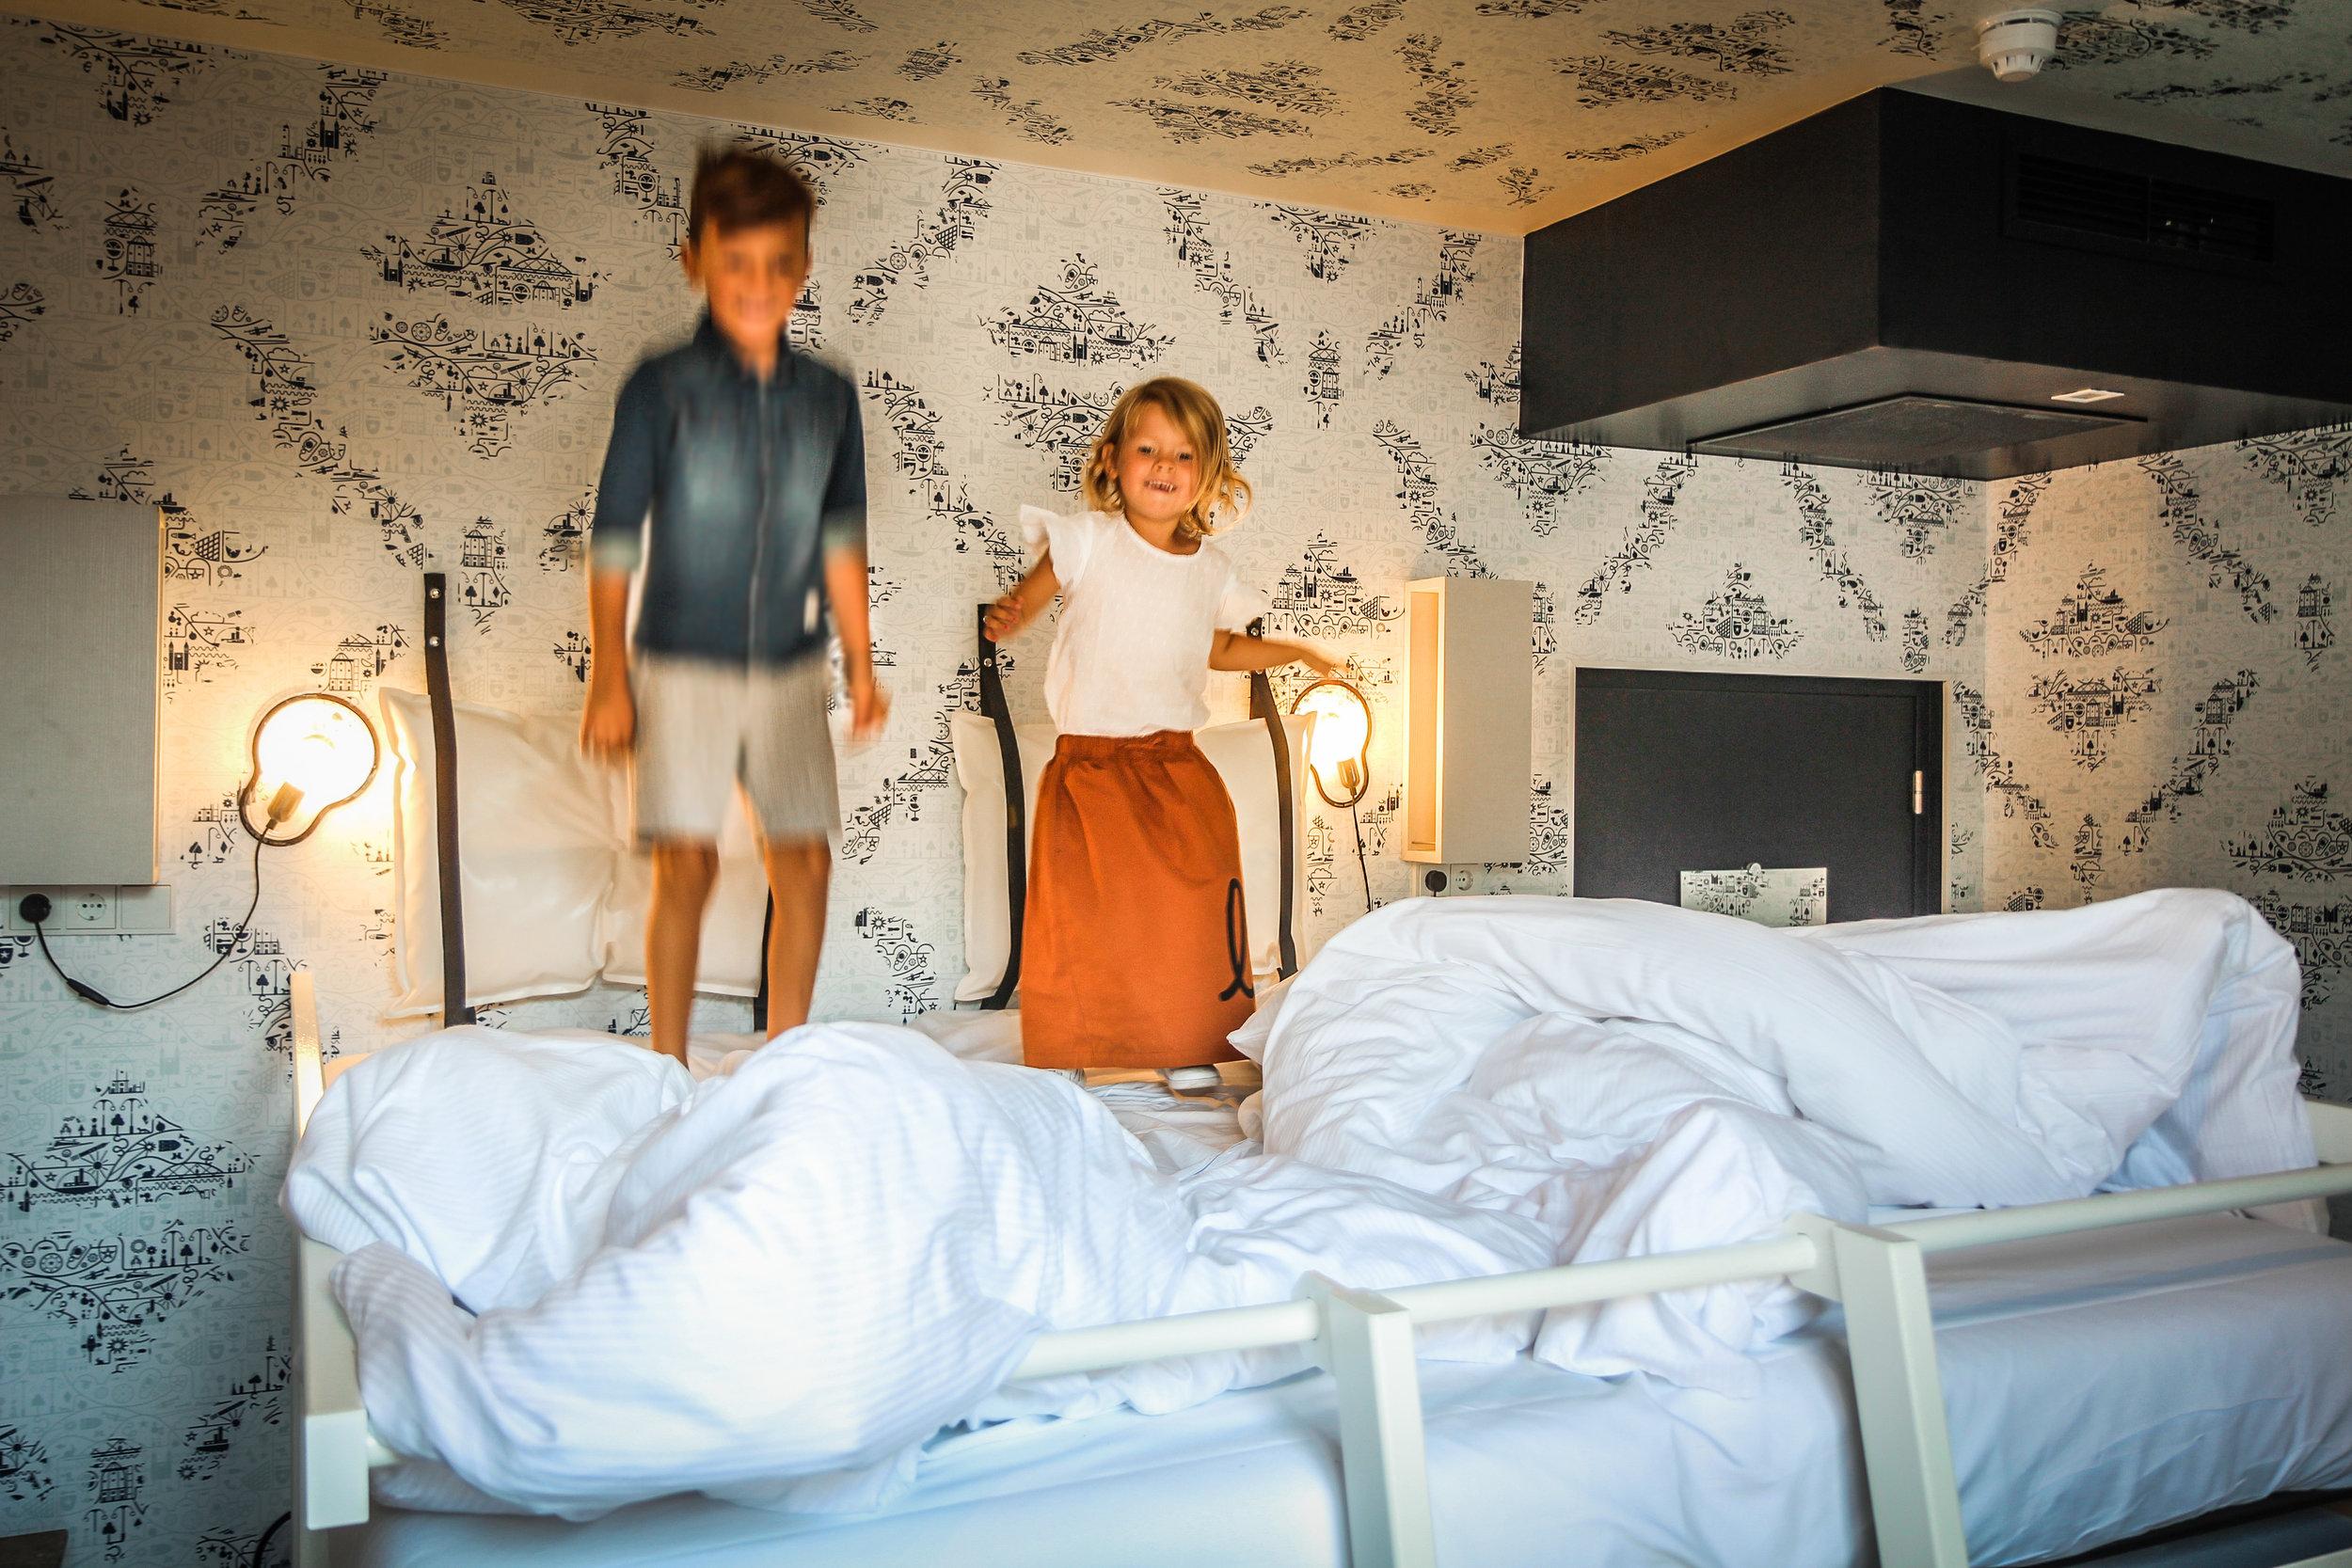 kaboom hotel maastricht_4 persoons stapelbed-23.JPG